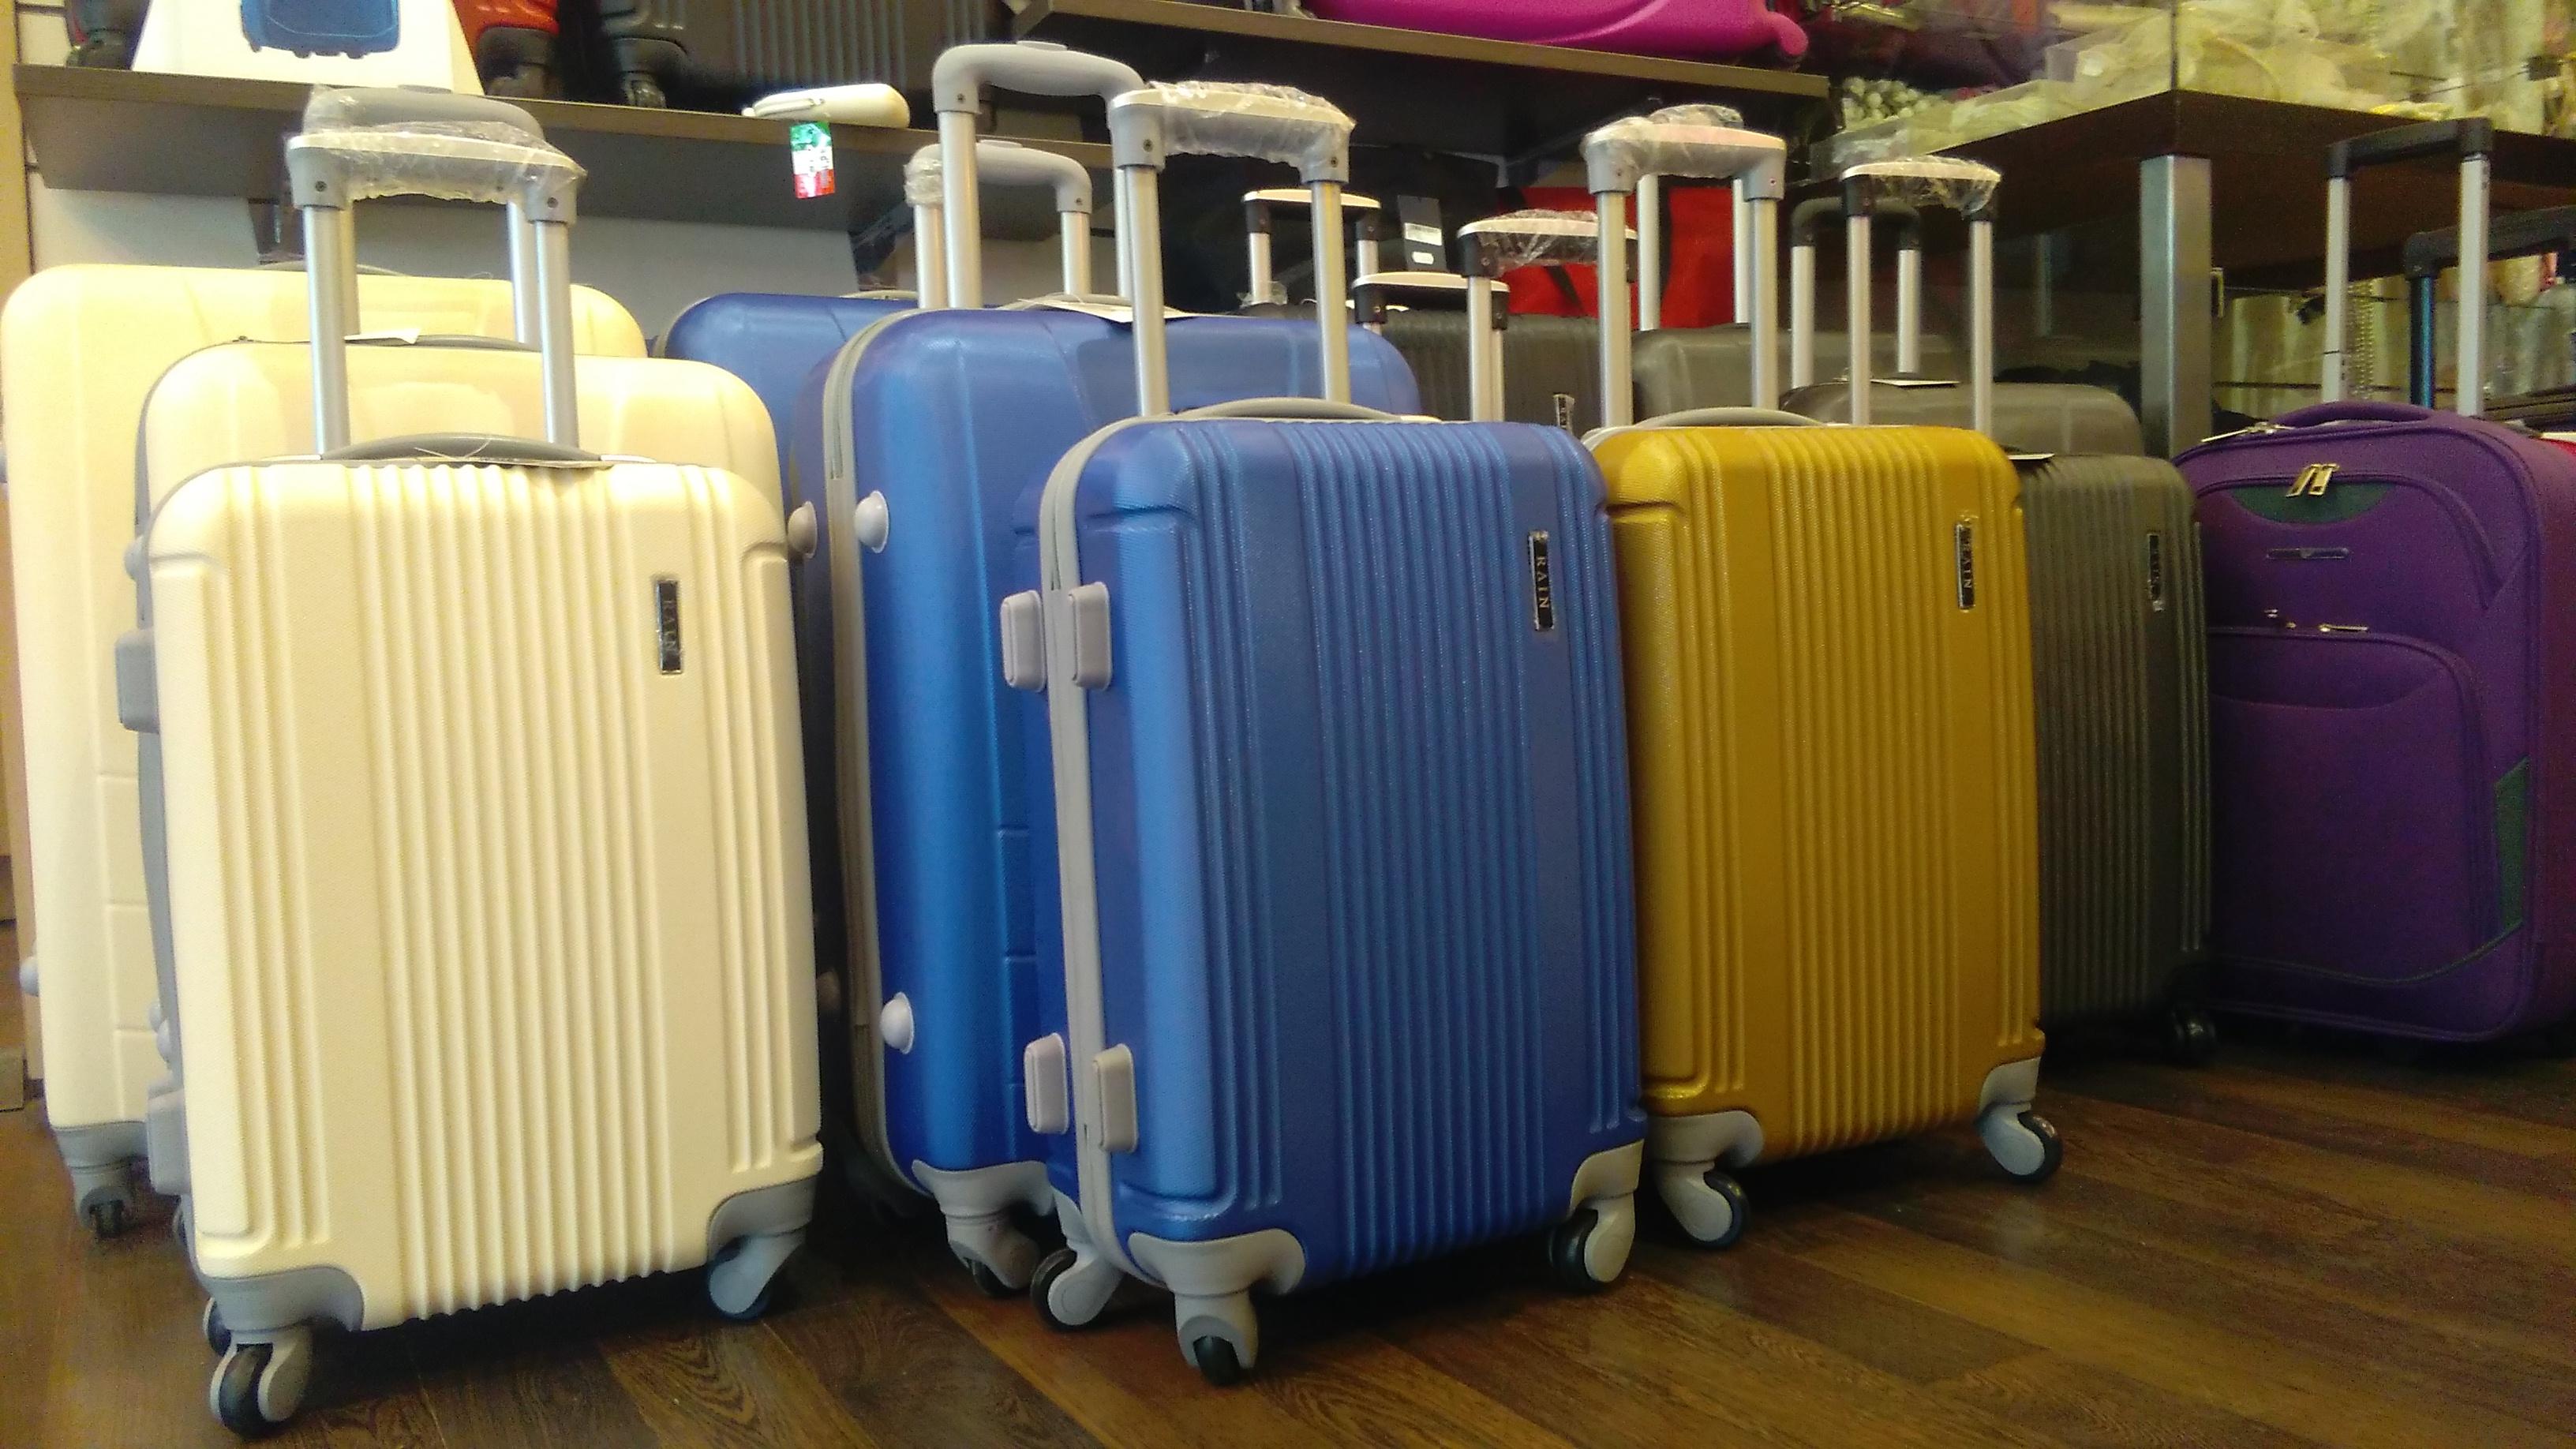 Ο Τάσος Δούσης συμβουλεύει: Πότε δικαιούσαι αποζημίωση όταν ταξιδεύεις με αεροπλάνο μέχρι και 600 ευρώ. Μάθε τα δικαιώματά σου